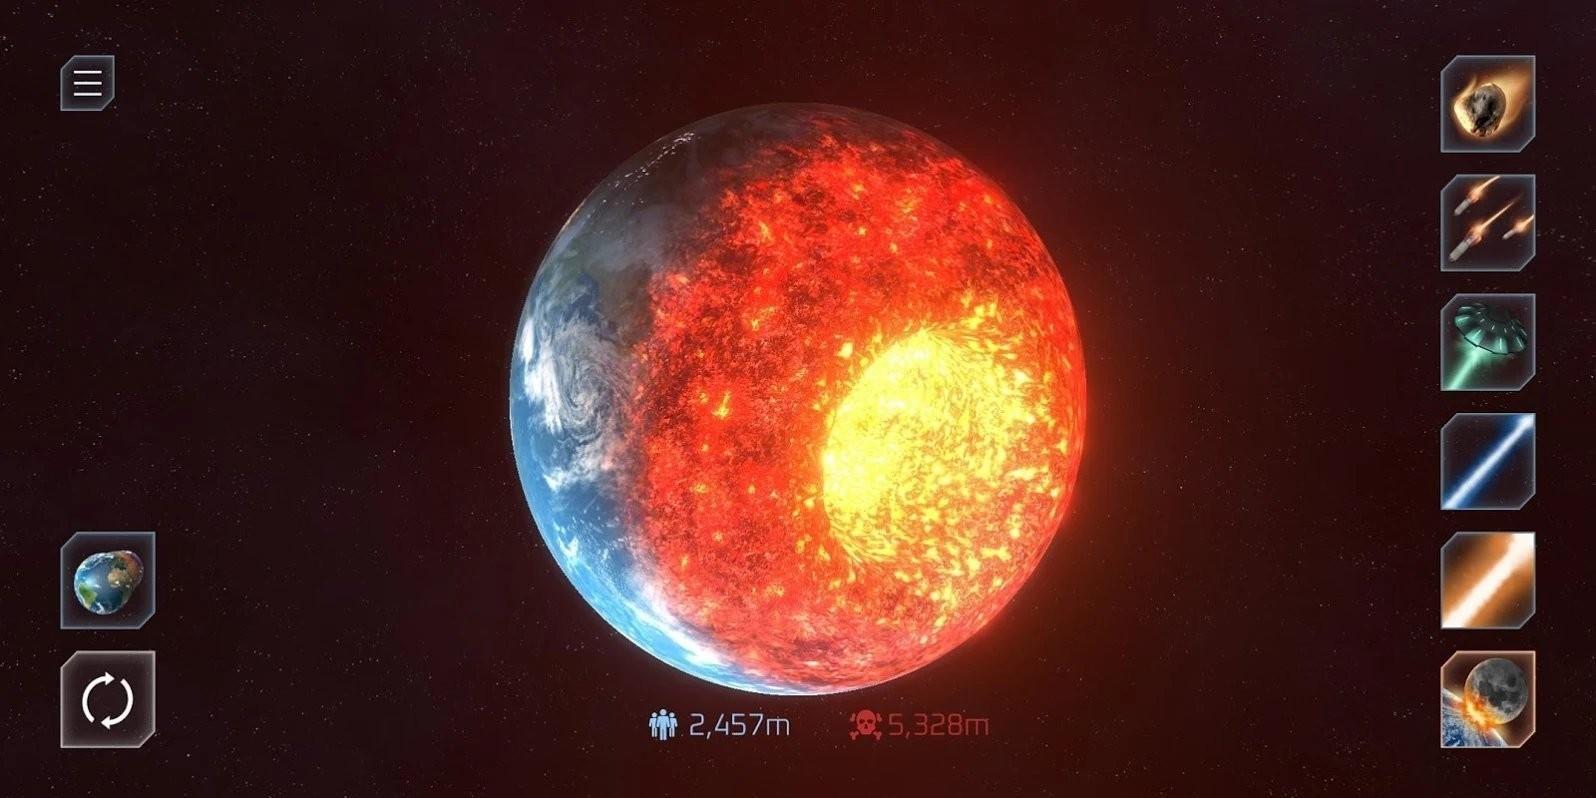 星球爆炸模拟器2021截图1